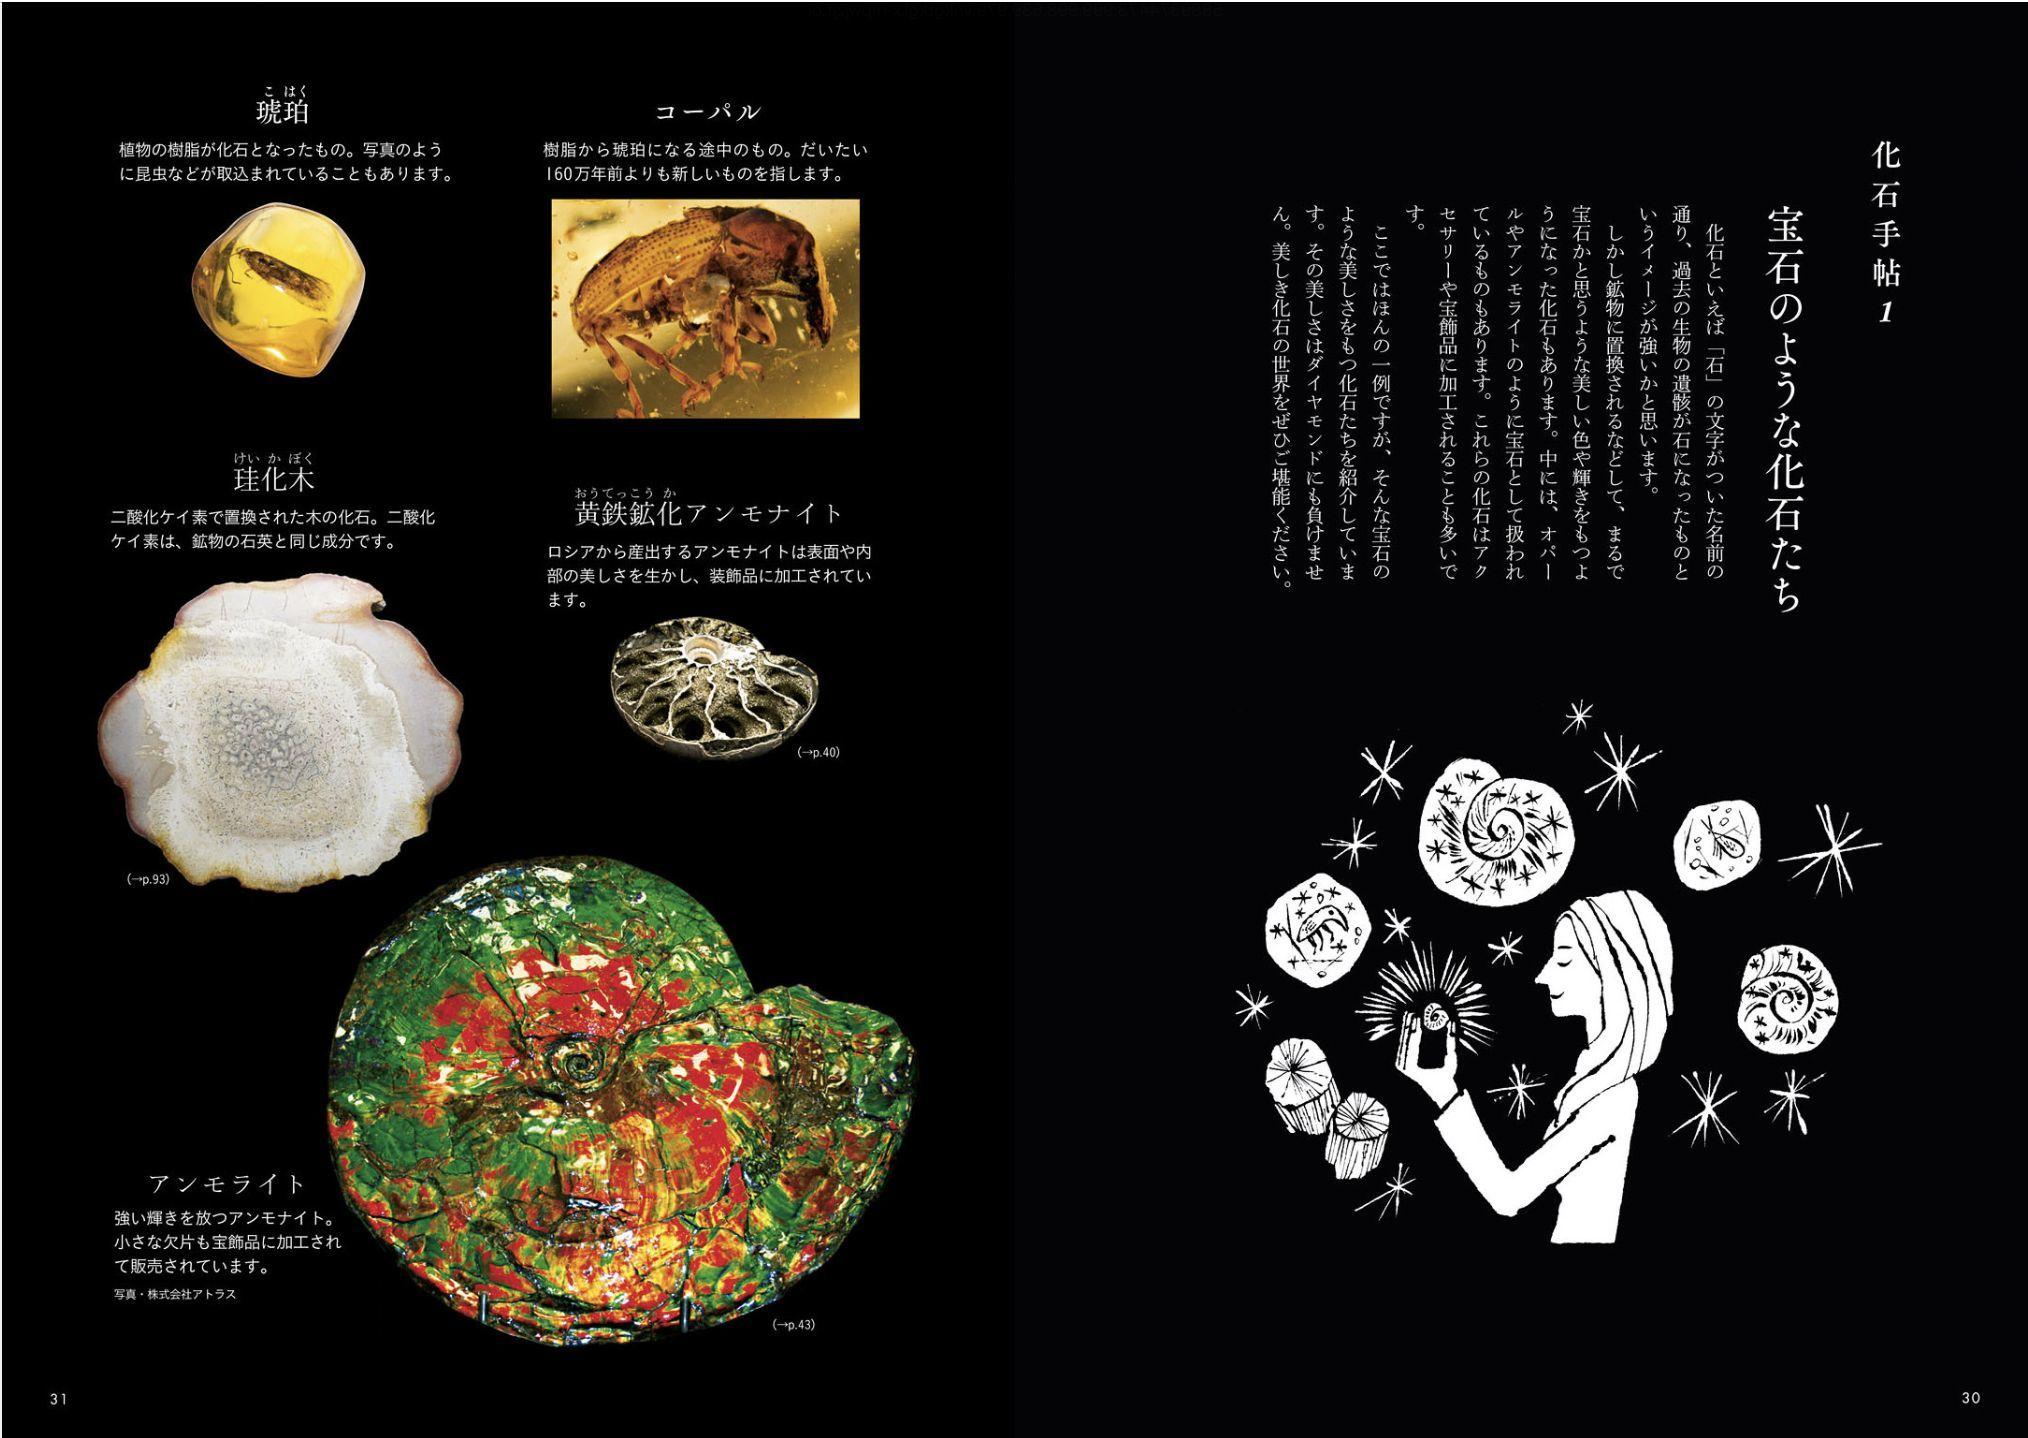 クワズイモとクマネズミと「ときめく化石図鑑」_c0025115_21585620.jpg